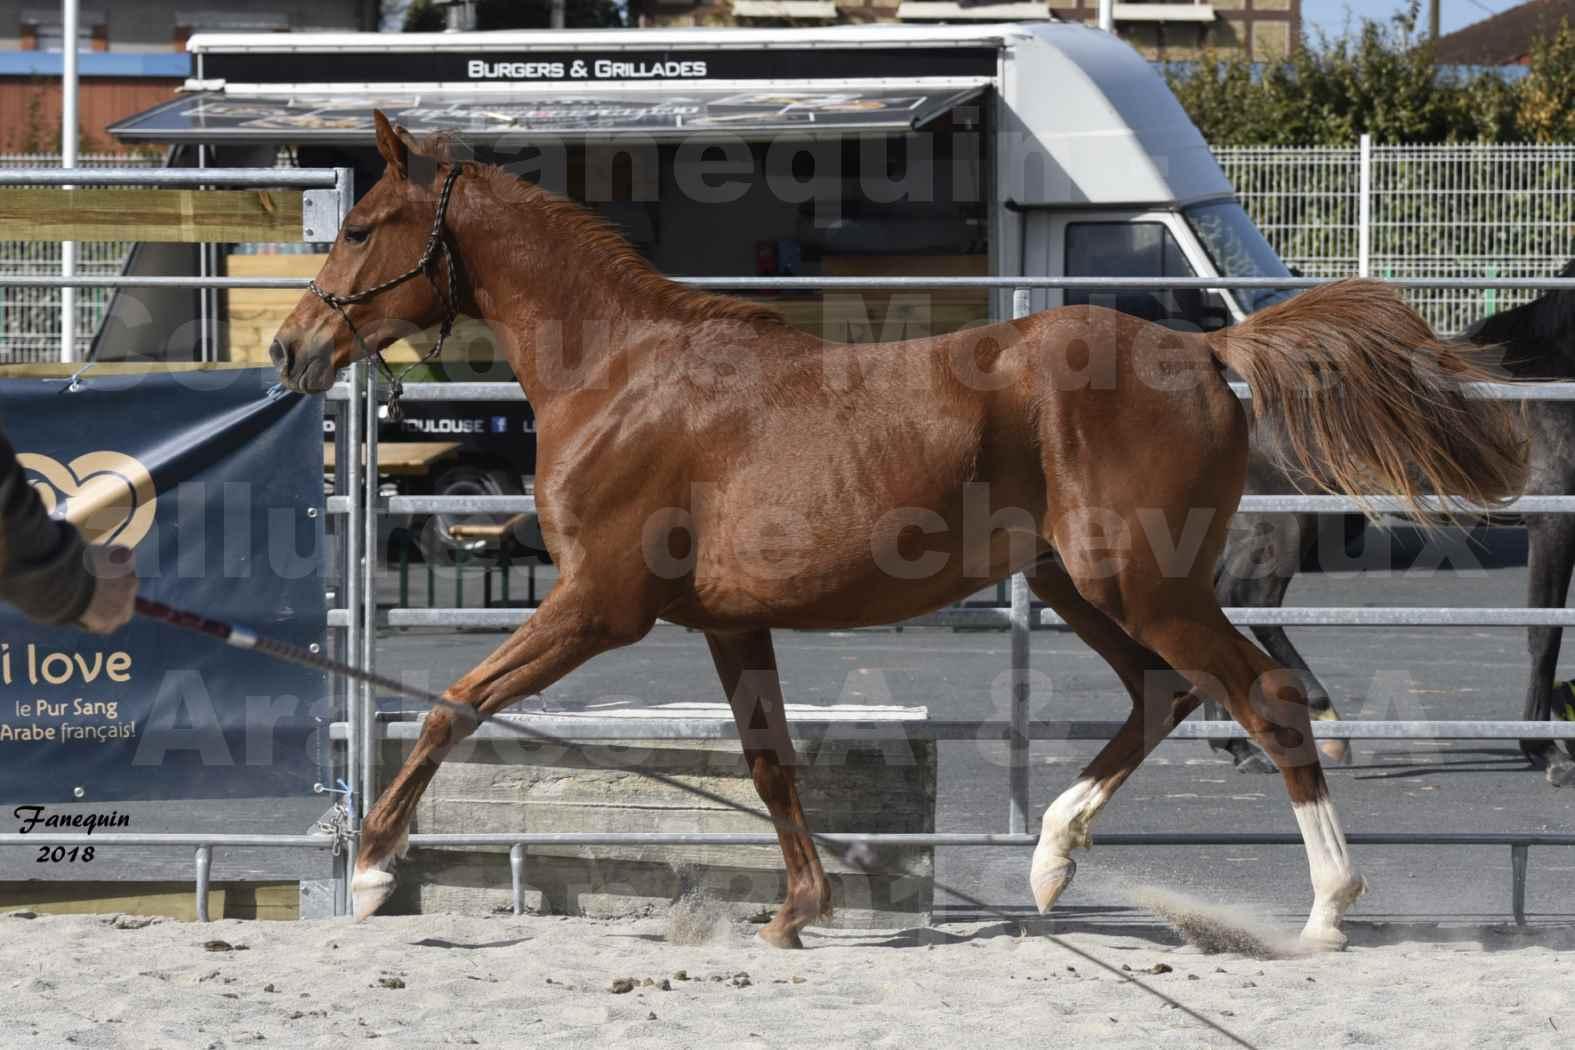 Concours d'élevage de Chevaux Arabes - D. S. A. - A. A. - ALBI les 6 & 7 Avril 2018 - GRIOU DU GRIOU - Notre Sélection - 2